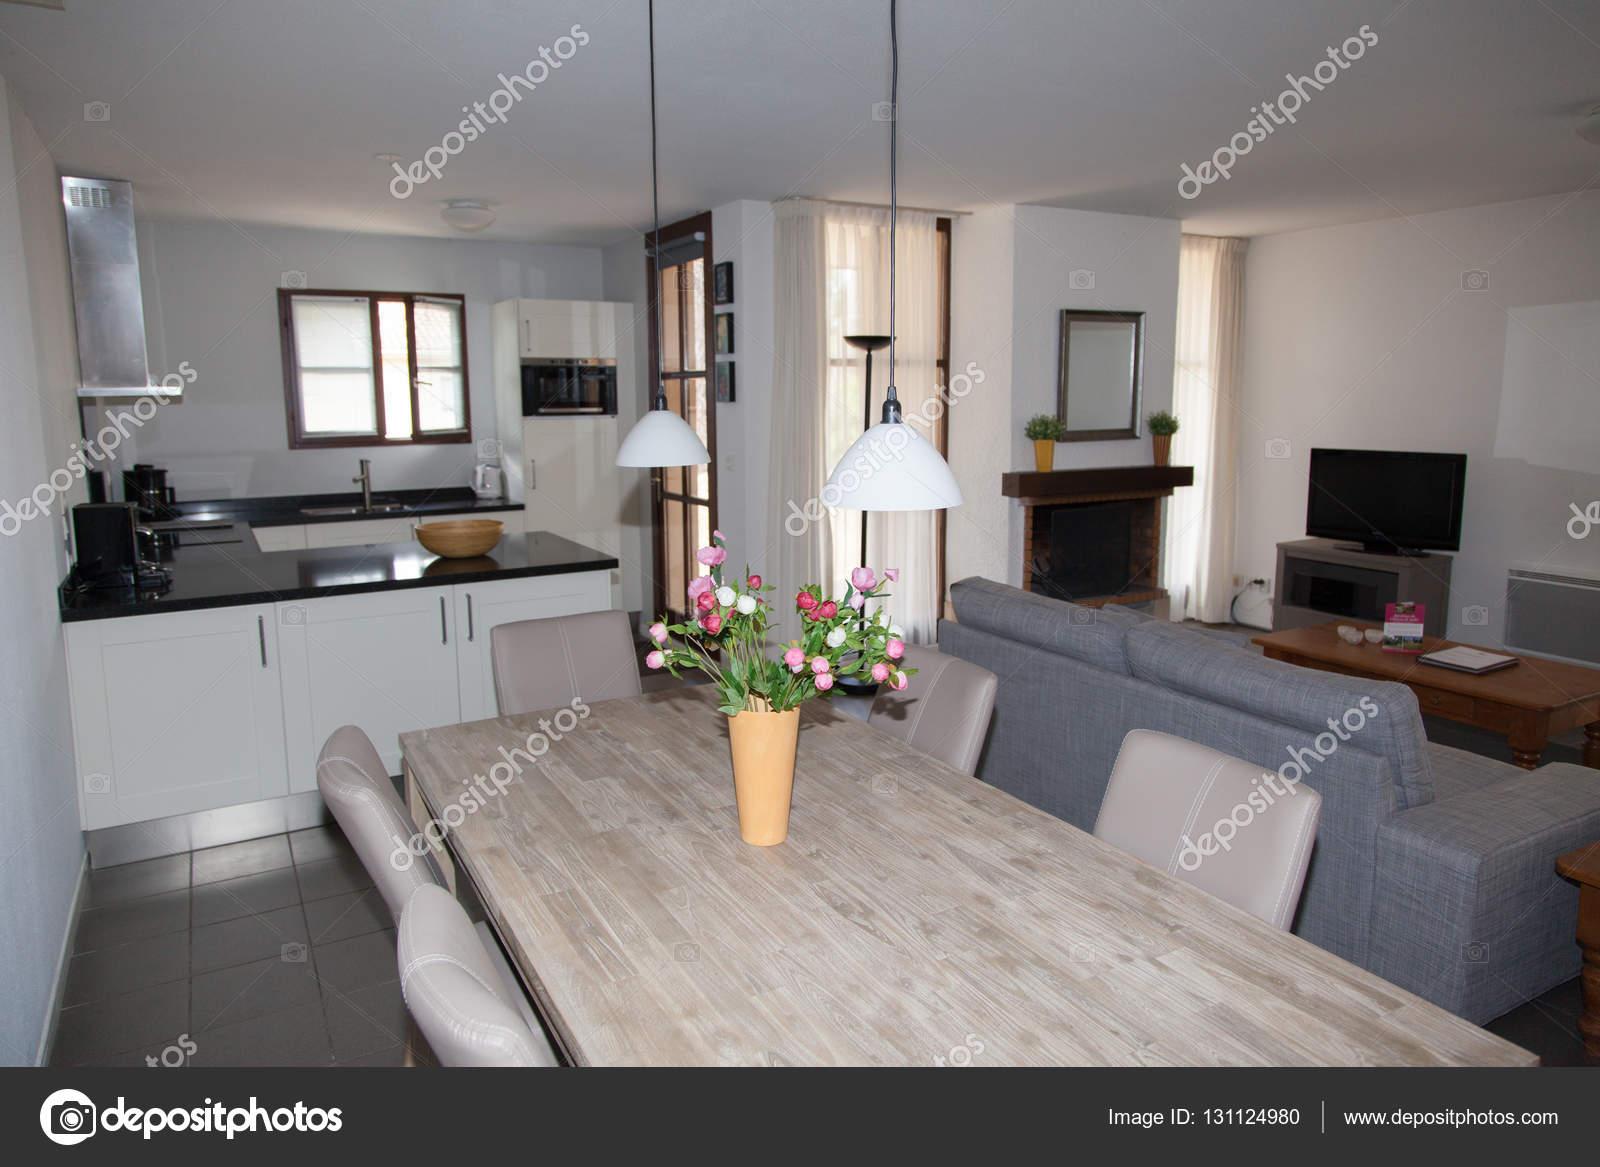 Modernes Haus: Blick auf helle, ungewöhnliche Wohnzimmer — Stockfoto ...